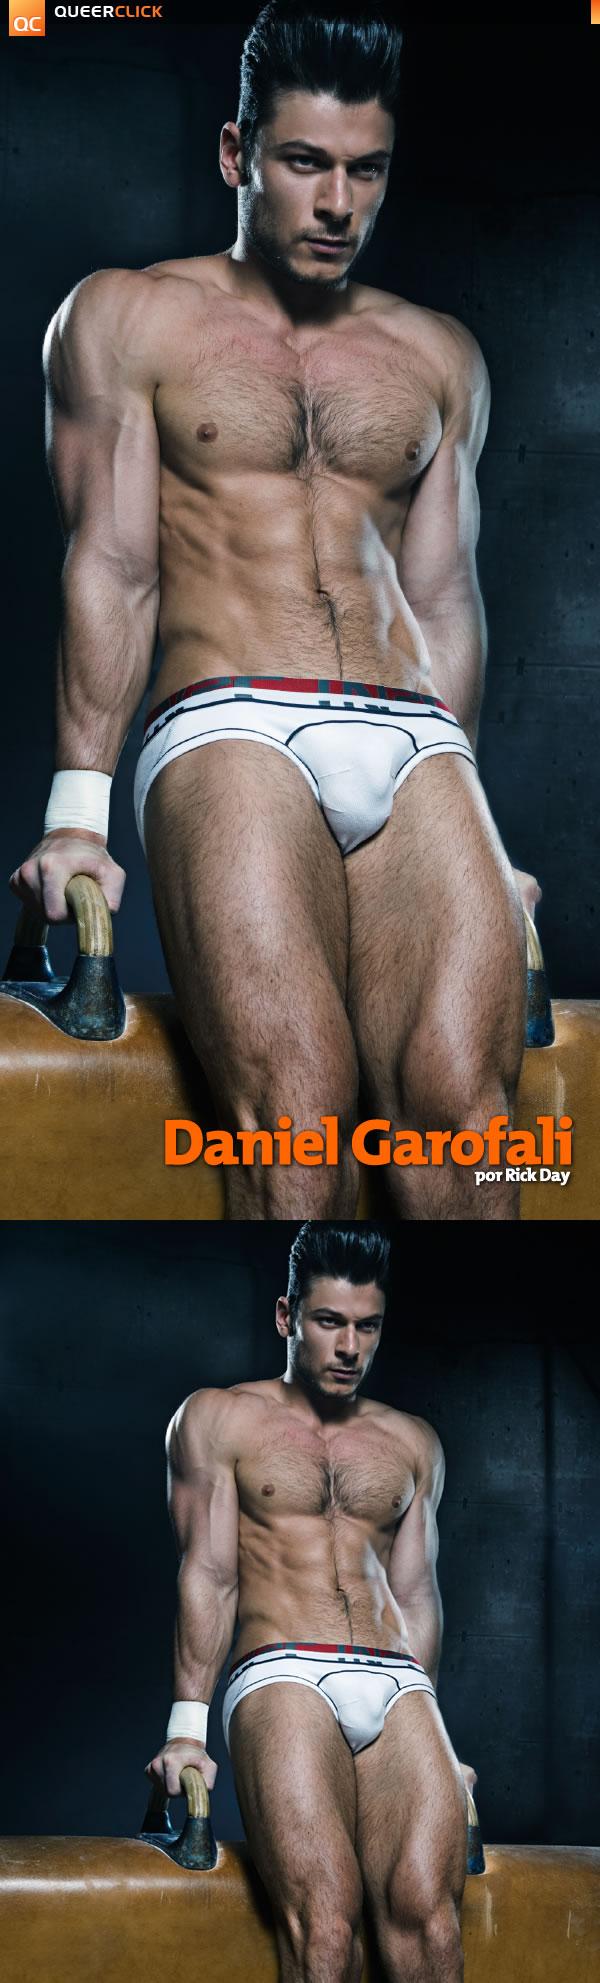 Rick Day: Daniel Garofali